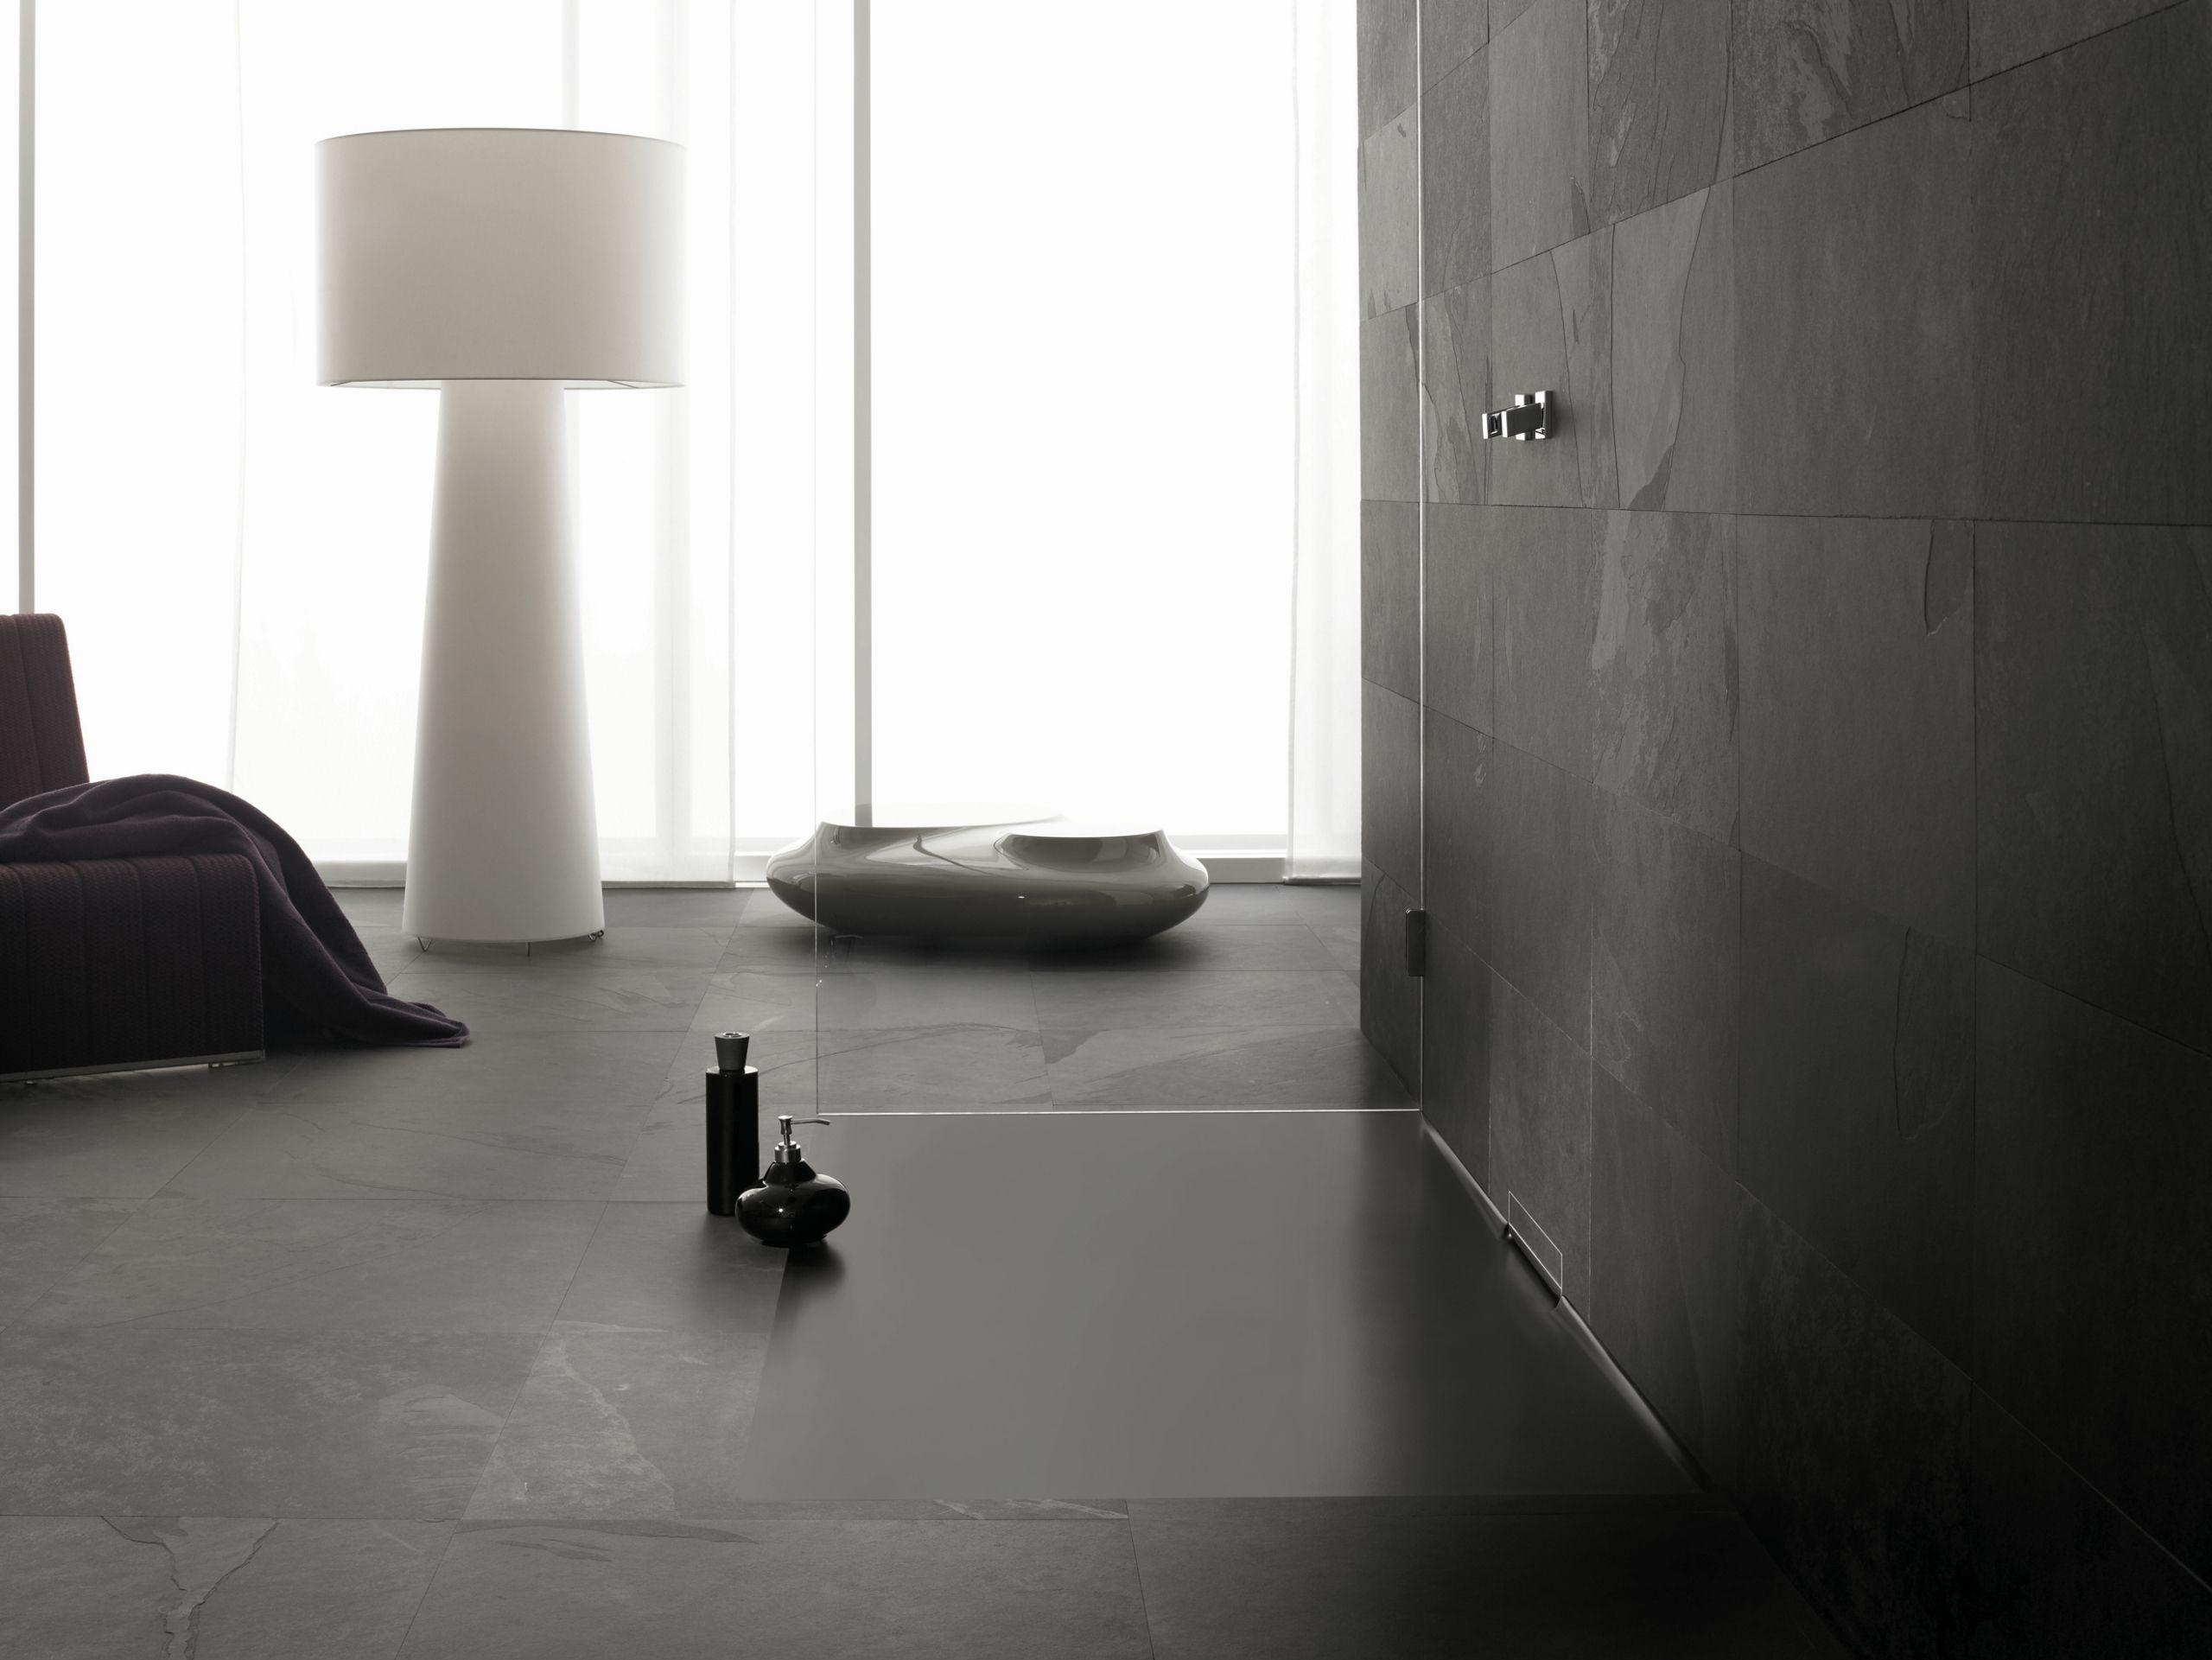 Piatto doccia filo pavimento in acciaio smaltato xetis by - Piatto doccia filo pavimento opinioni ...